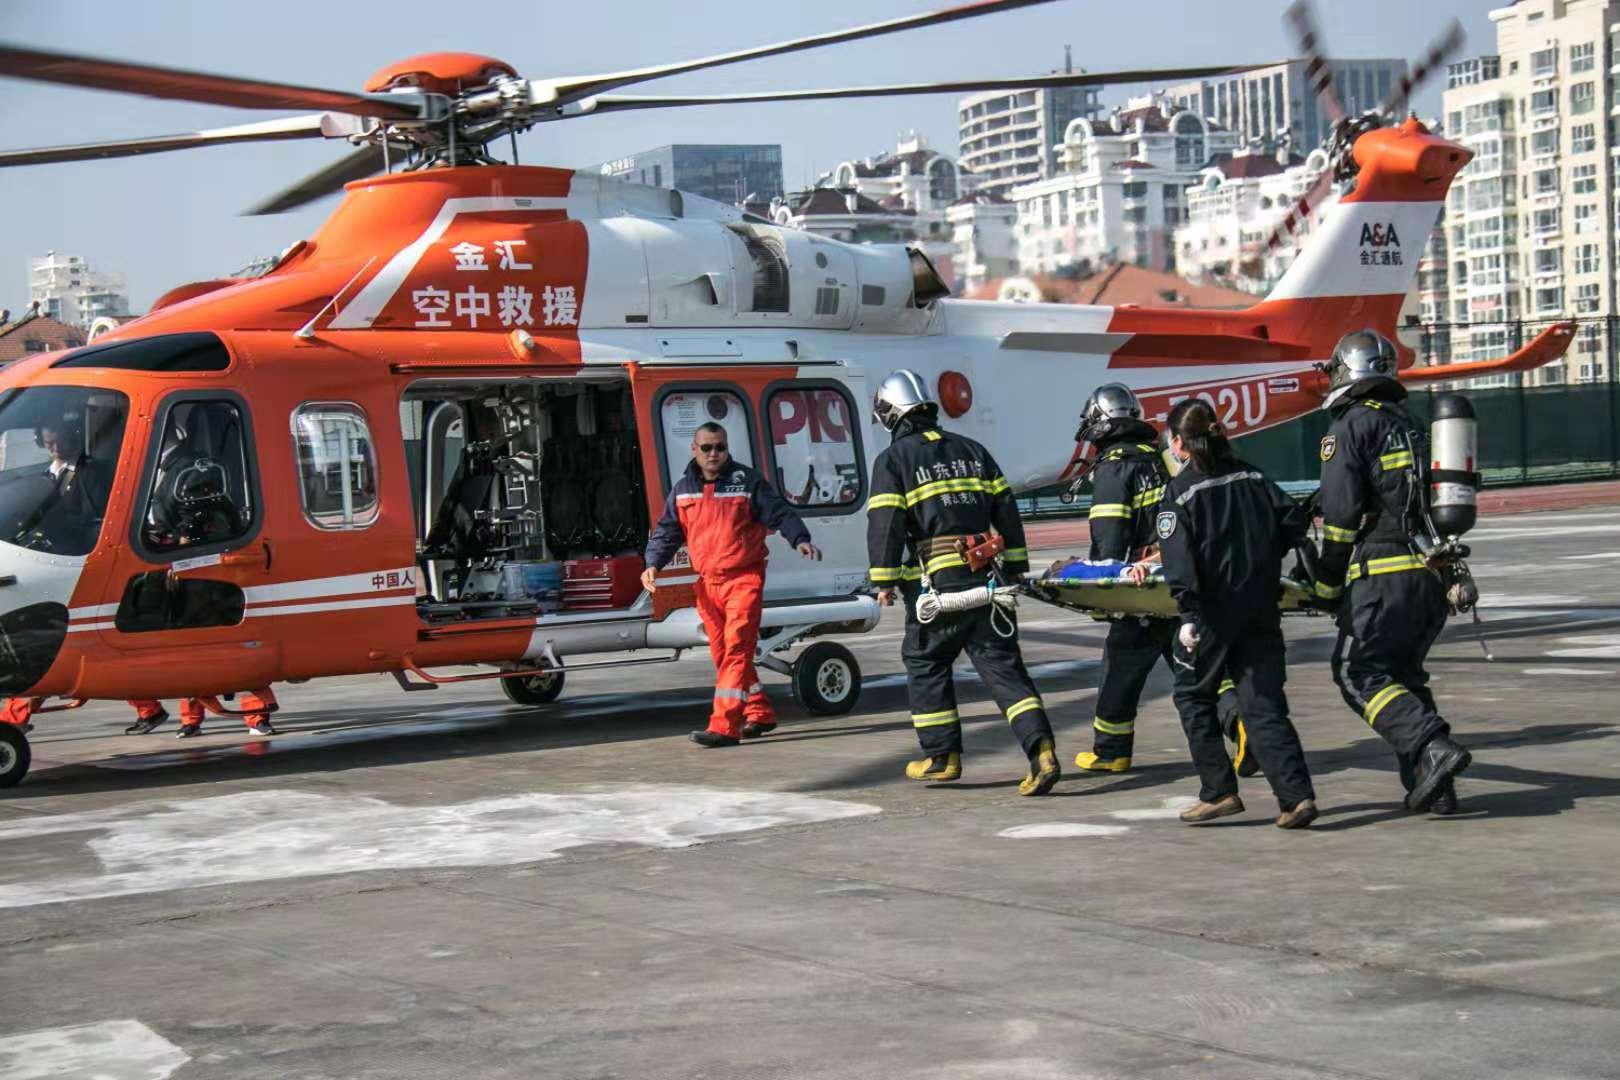 青岛校园应急救援演练 发生险情直升机最快10分钟到达